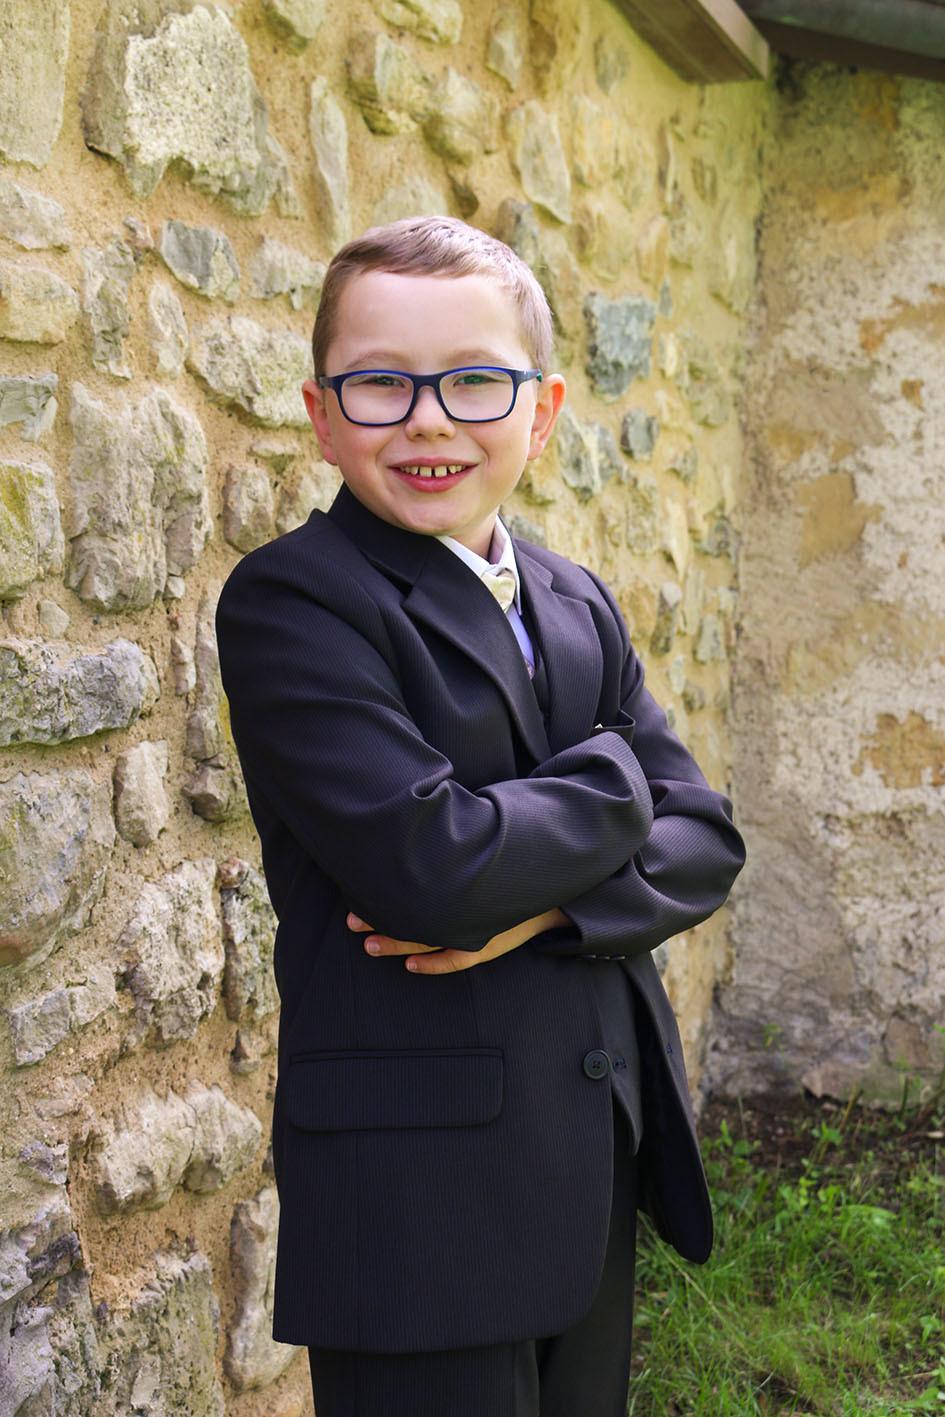 Kommunionskind mit Brille posiert vor der Kirchenmauer.